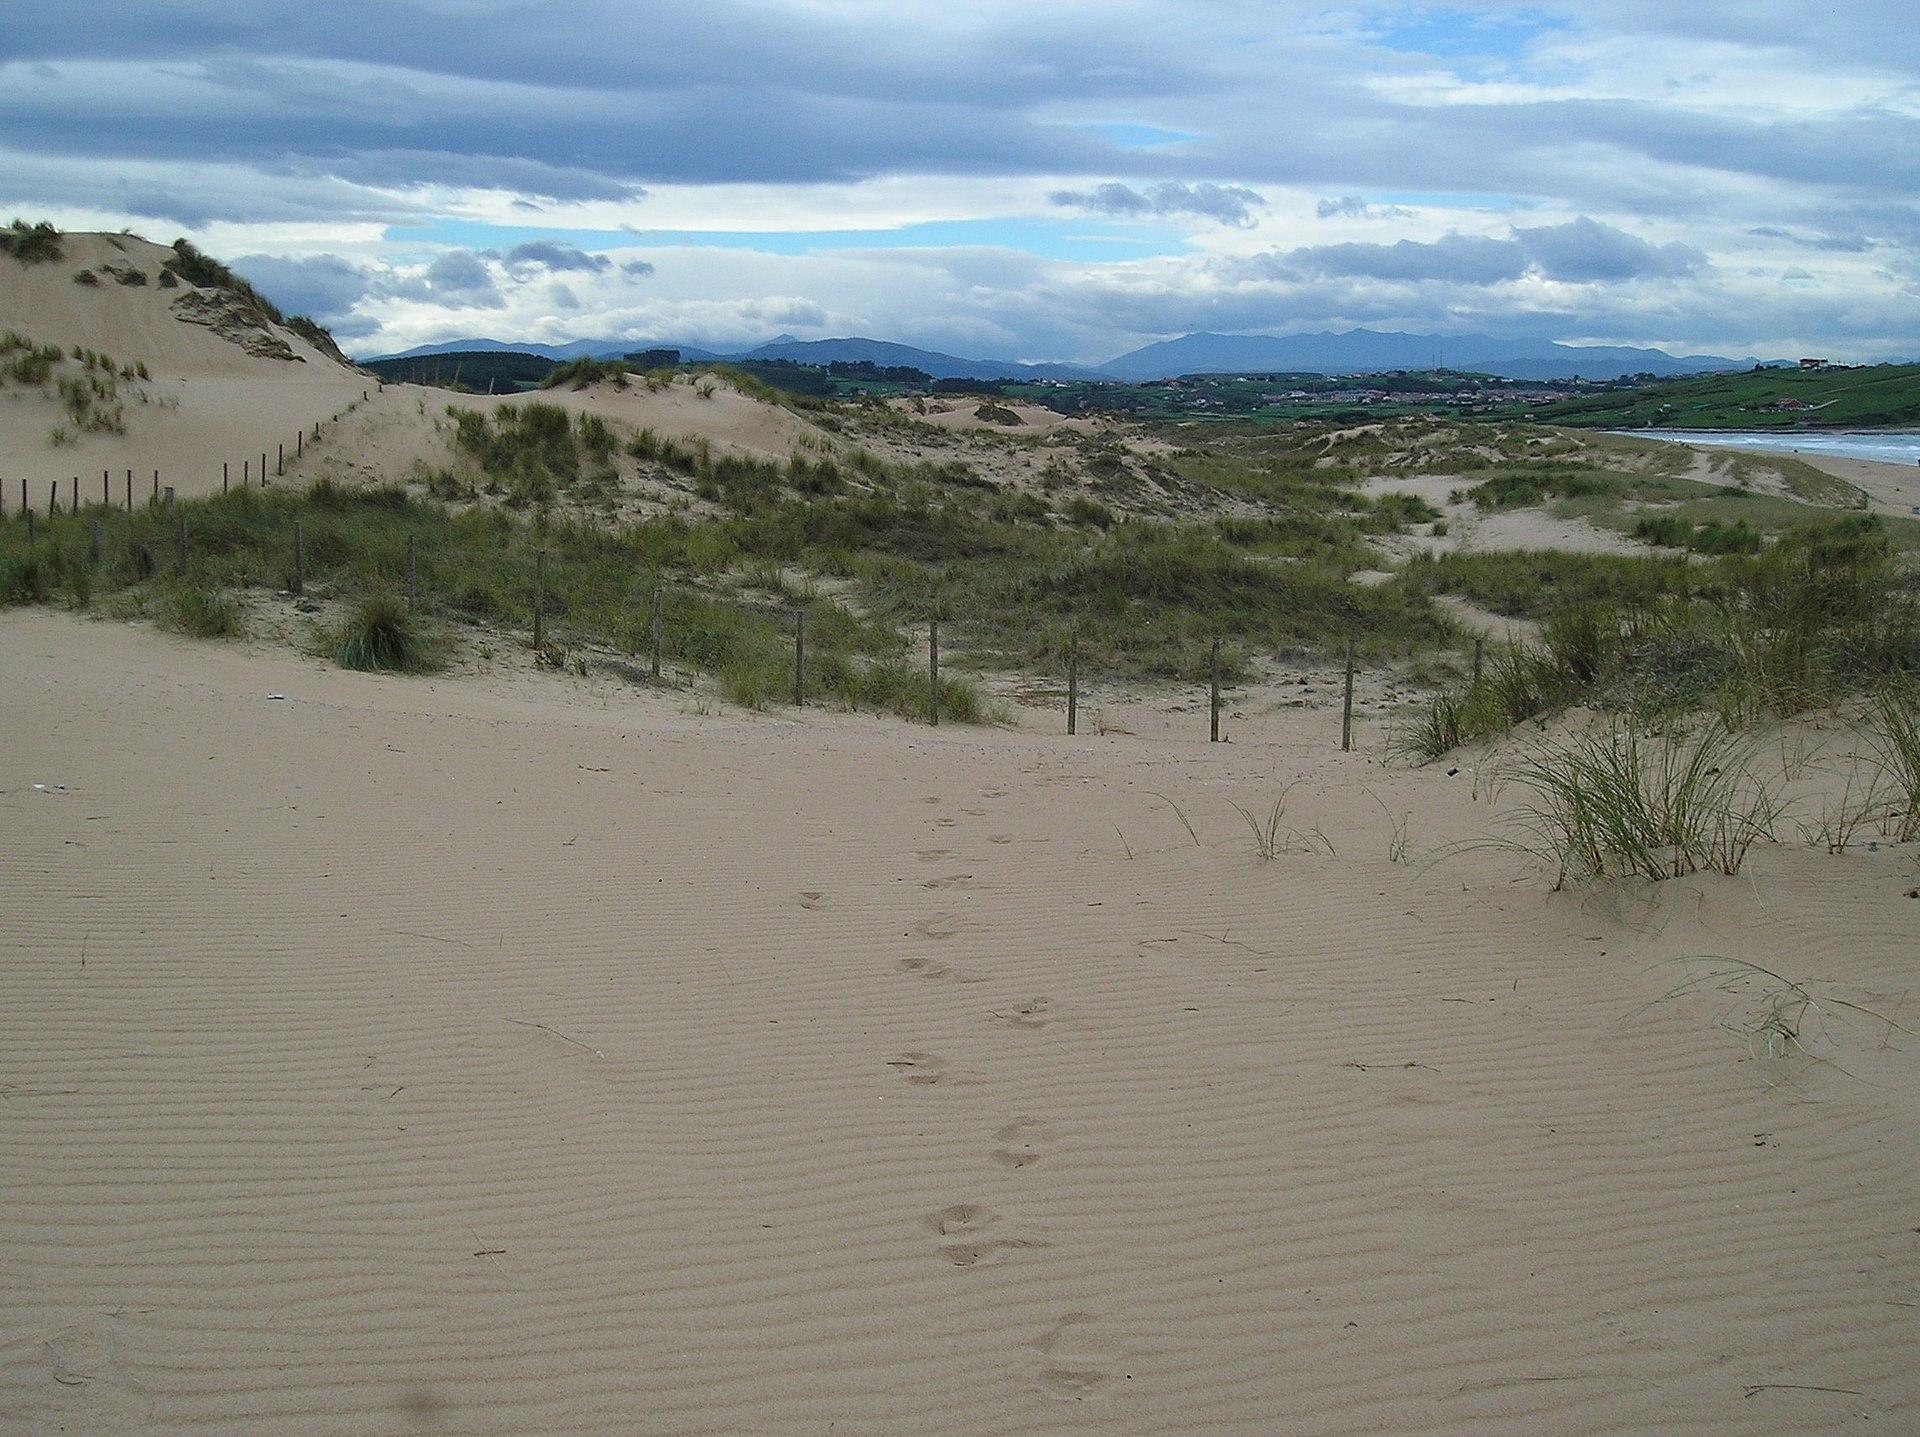 Parque natural de las dunas de liencres wikipedia la for Camping el jardin de las dunas